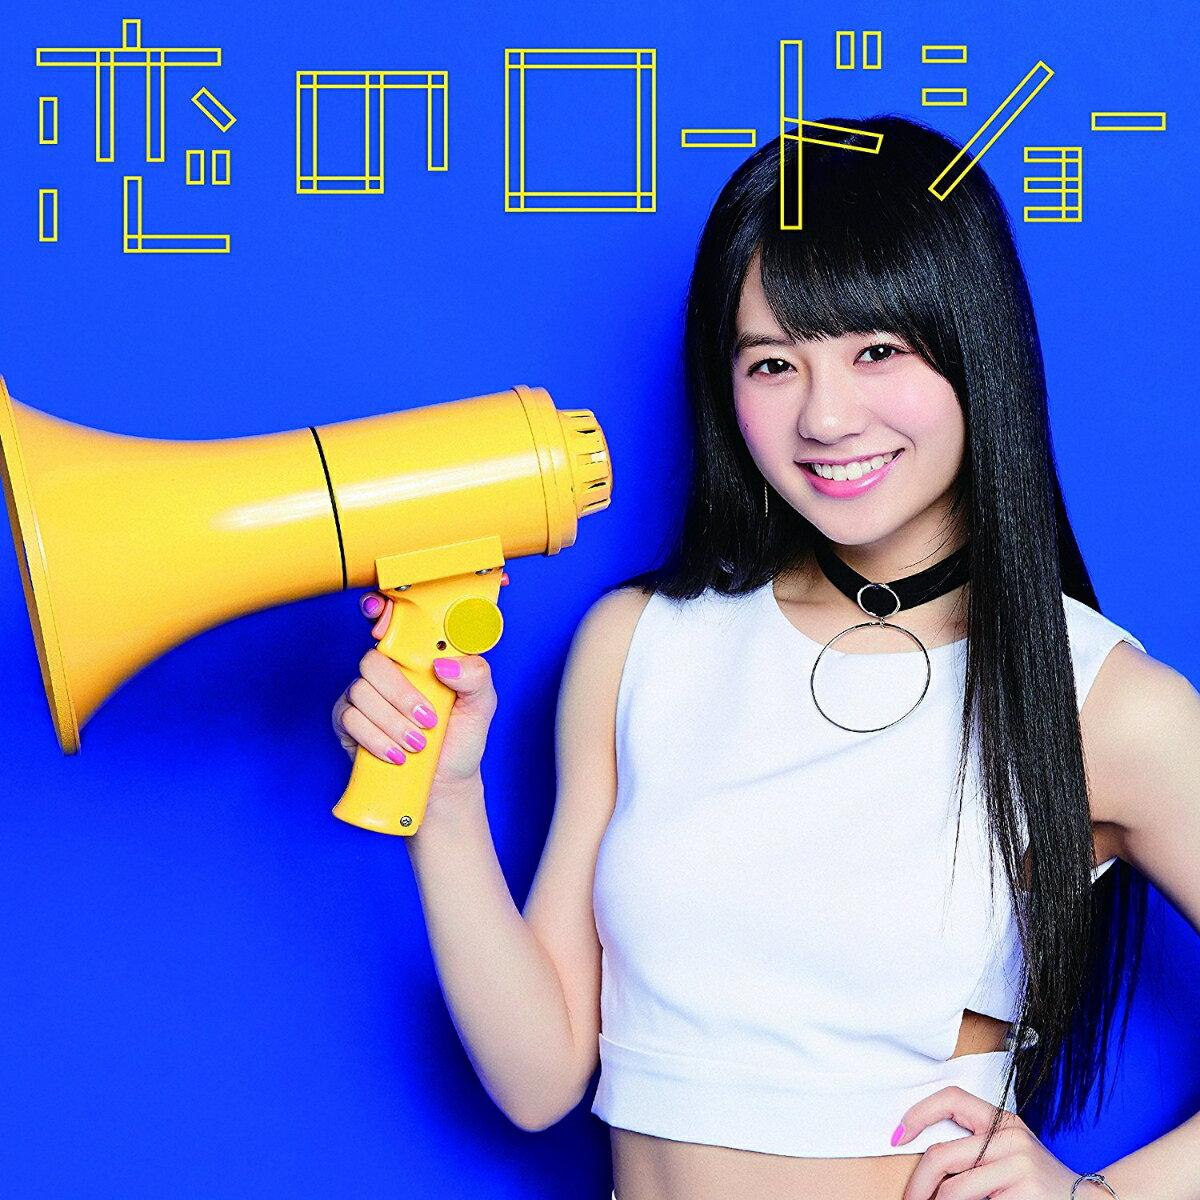 恋のロードショー (初回生産限定ピクチャーレーベル盤 【伊藤萌々香ver.】) [ フェアリーズ ]